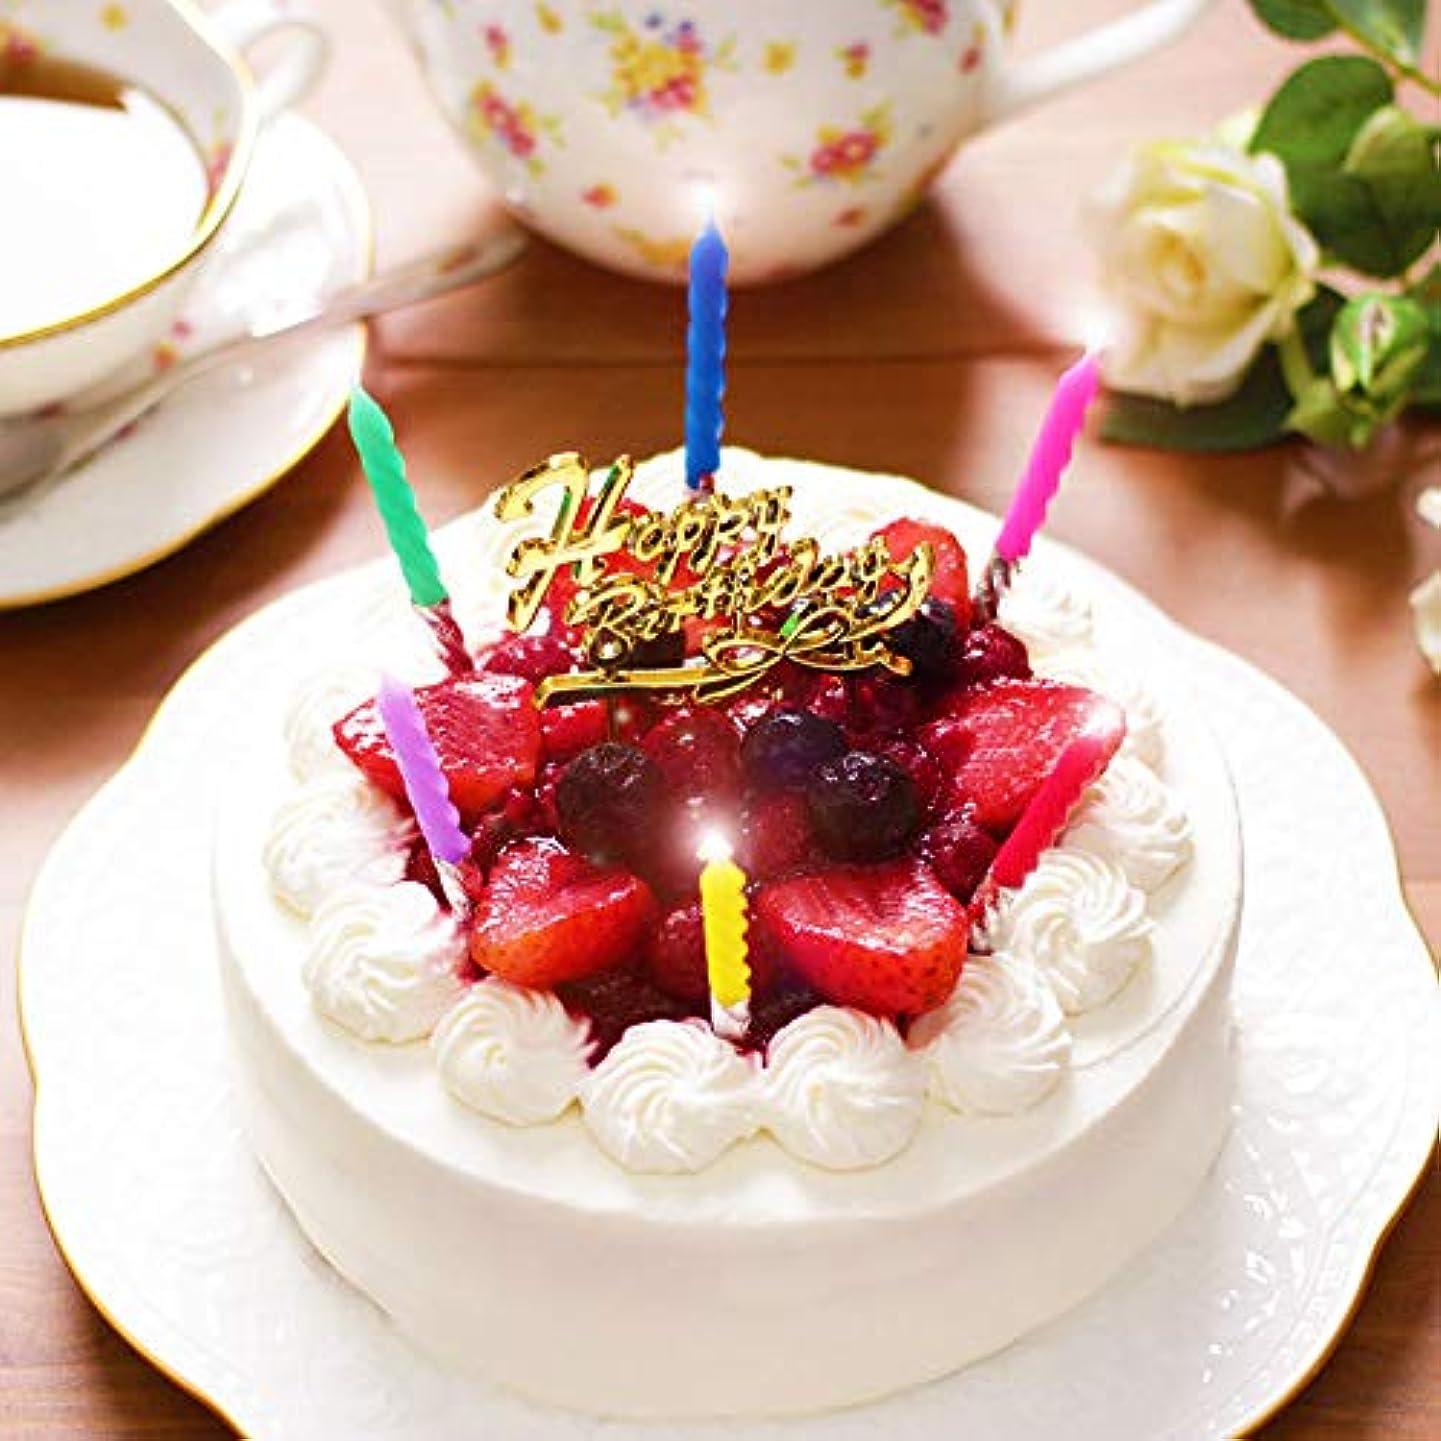 親密な難しいランドマーク誕生日ケーキ 天使のおくりもの ホワイトベリー 5号 4~6人分 冷凍 解凍12時間 (お届け日時指定?誕生日セット付)